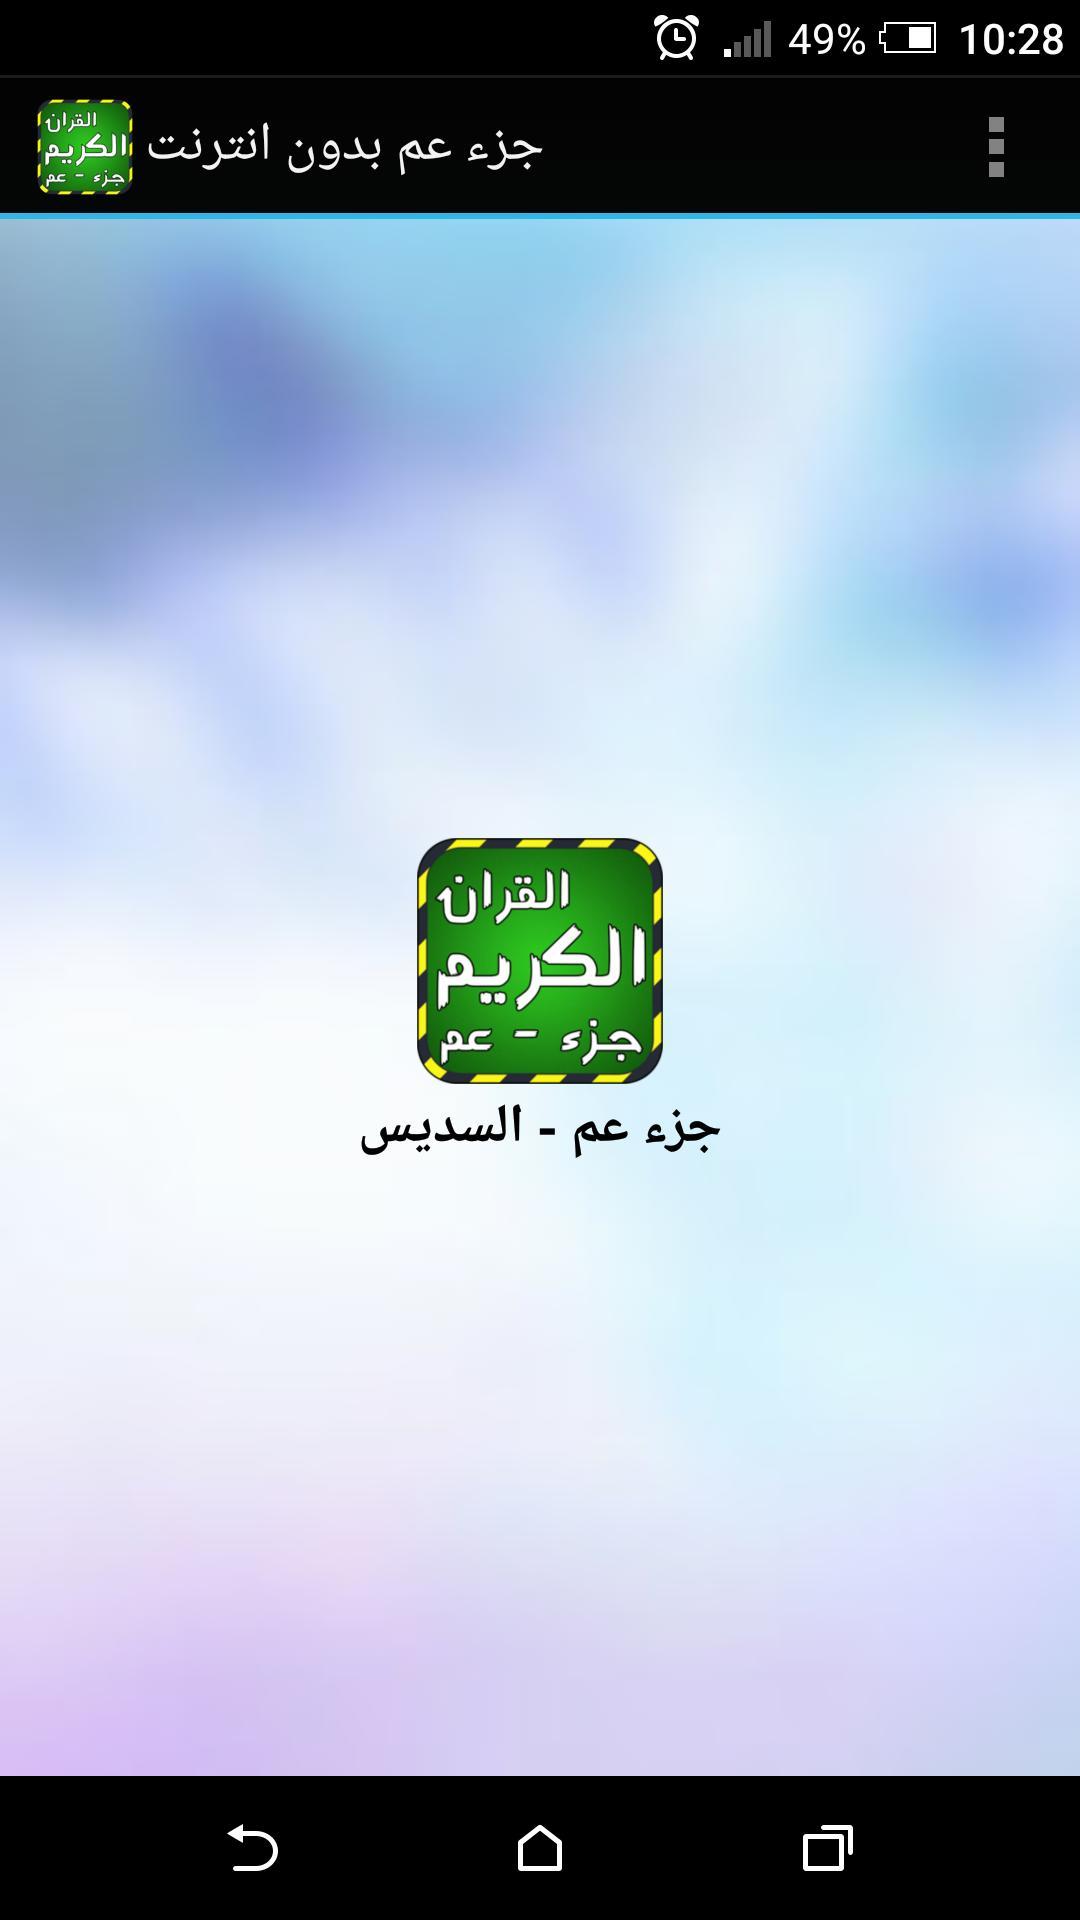 سورة غافر كاملة تلاوه تريح القلب والعقل صوت يدخل القلب بدون استئذان Arabic Calligraphy Quran Calligraphy